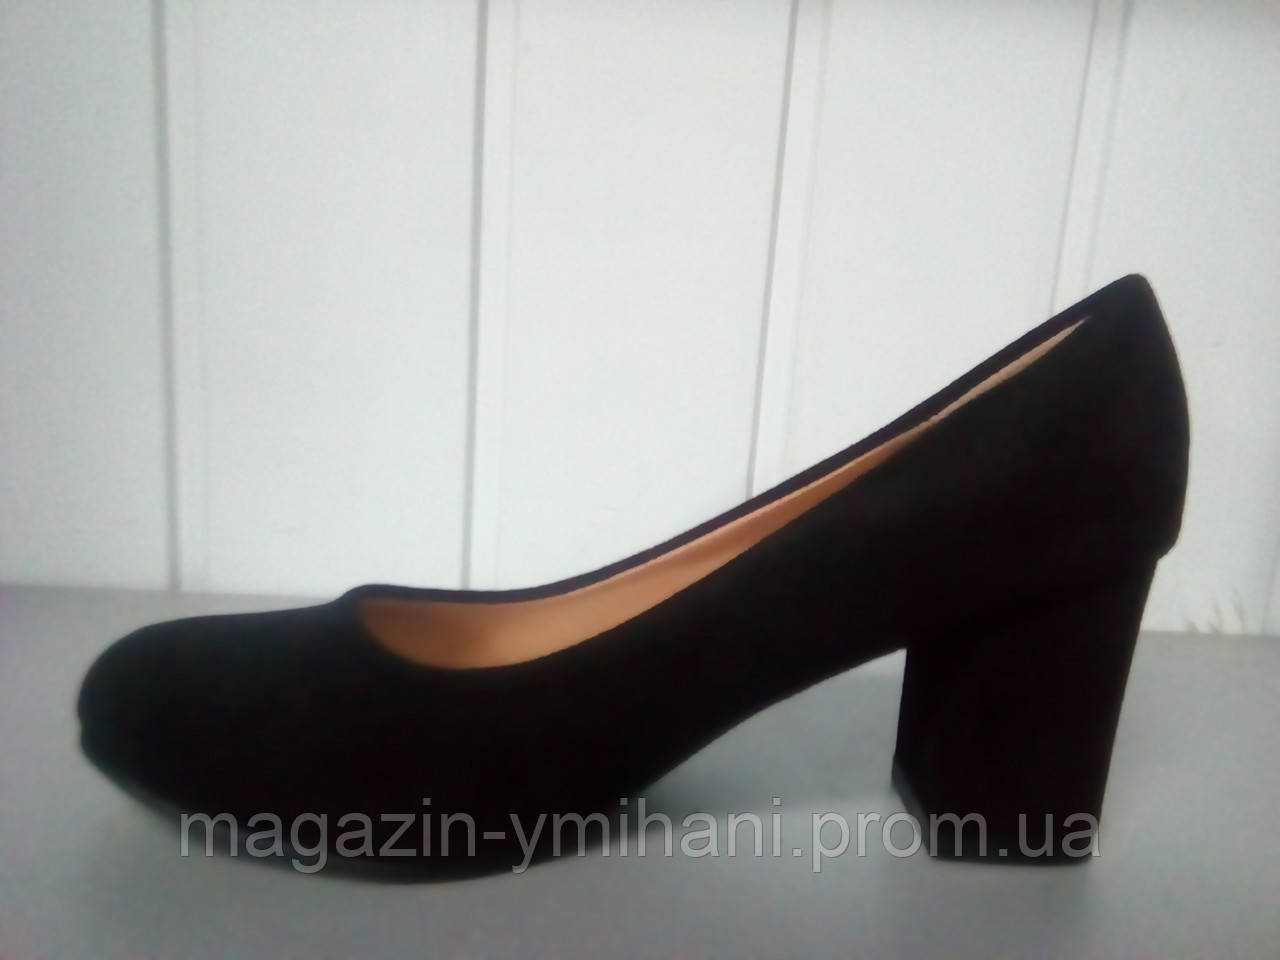 1b960cd08 Черные замшевые туфли Kamengsi на толстом каблуке. - Интернет-магазин